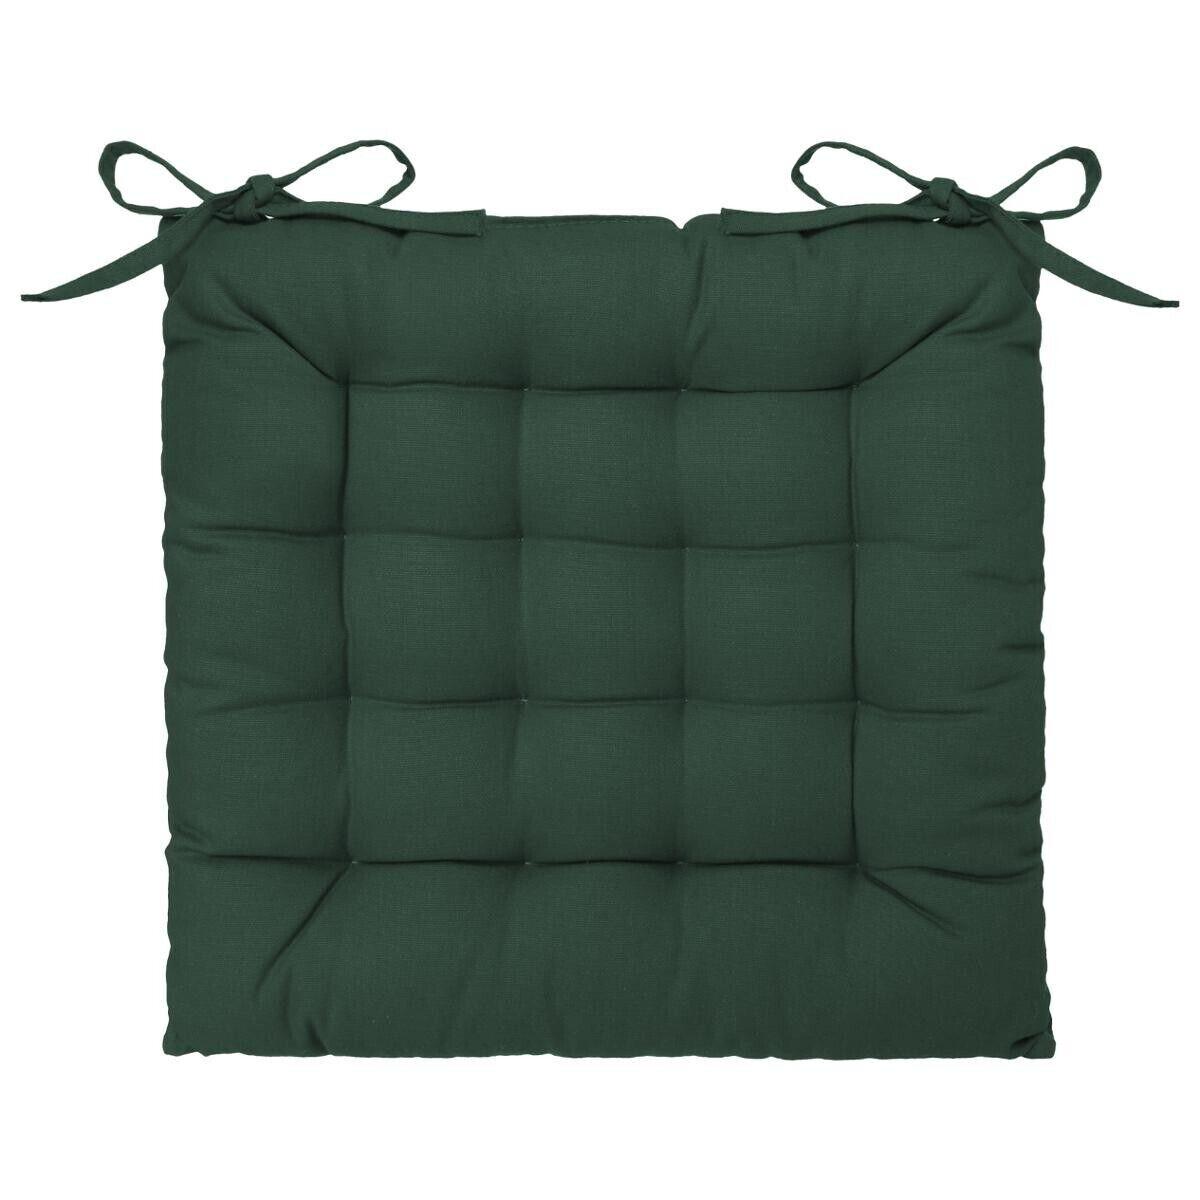 Atmosphera Galette de chaise en coton vert cèdre 38x38 cm old_refs-2021_DTE Unisexe